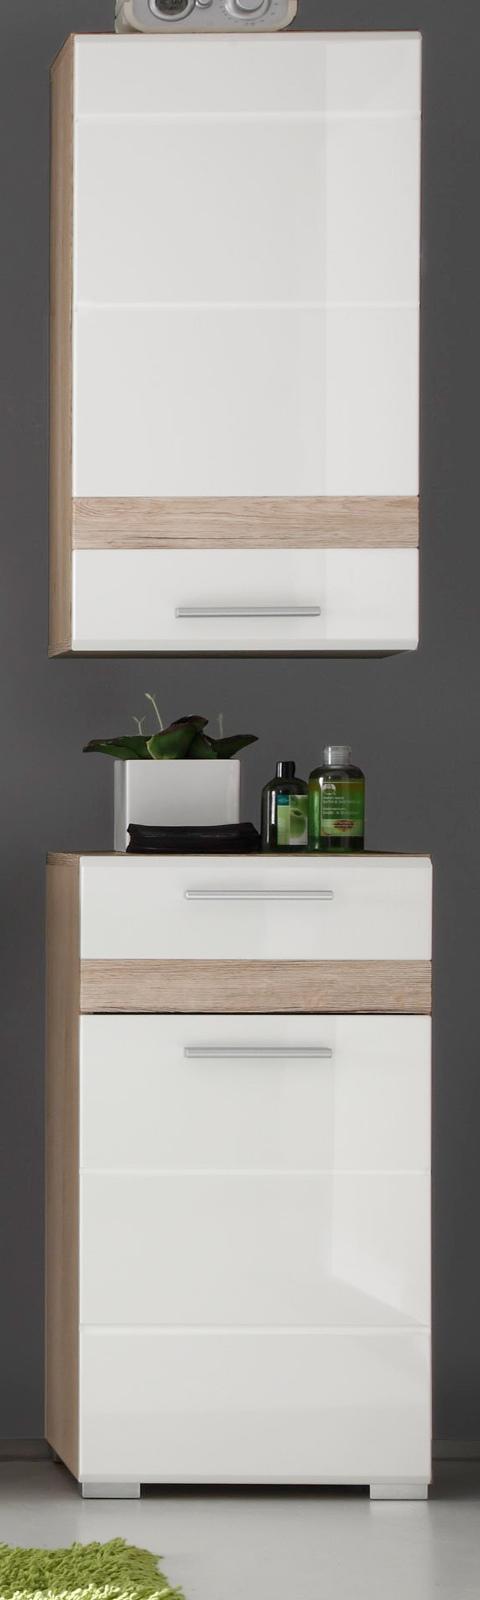 badm bel set one eiche hell wei hochglanz kaufen. Black Bedroom Furniture Sets. Home Design Ideas